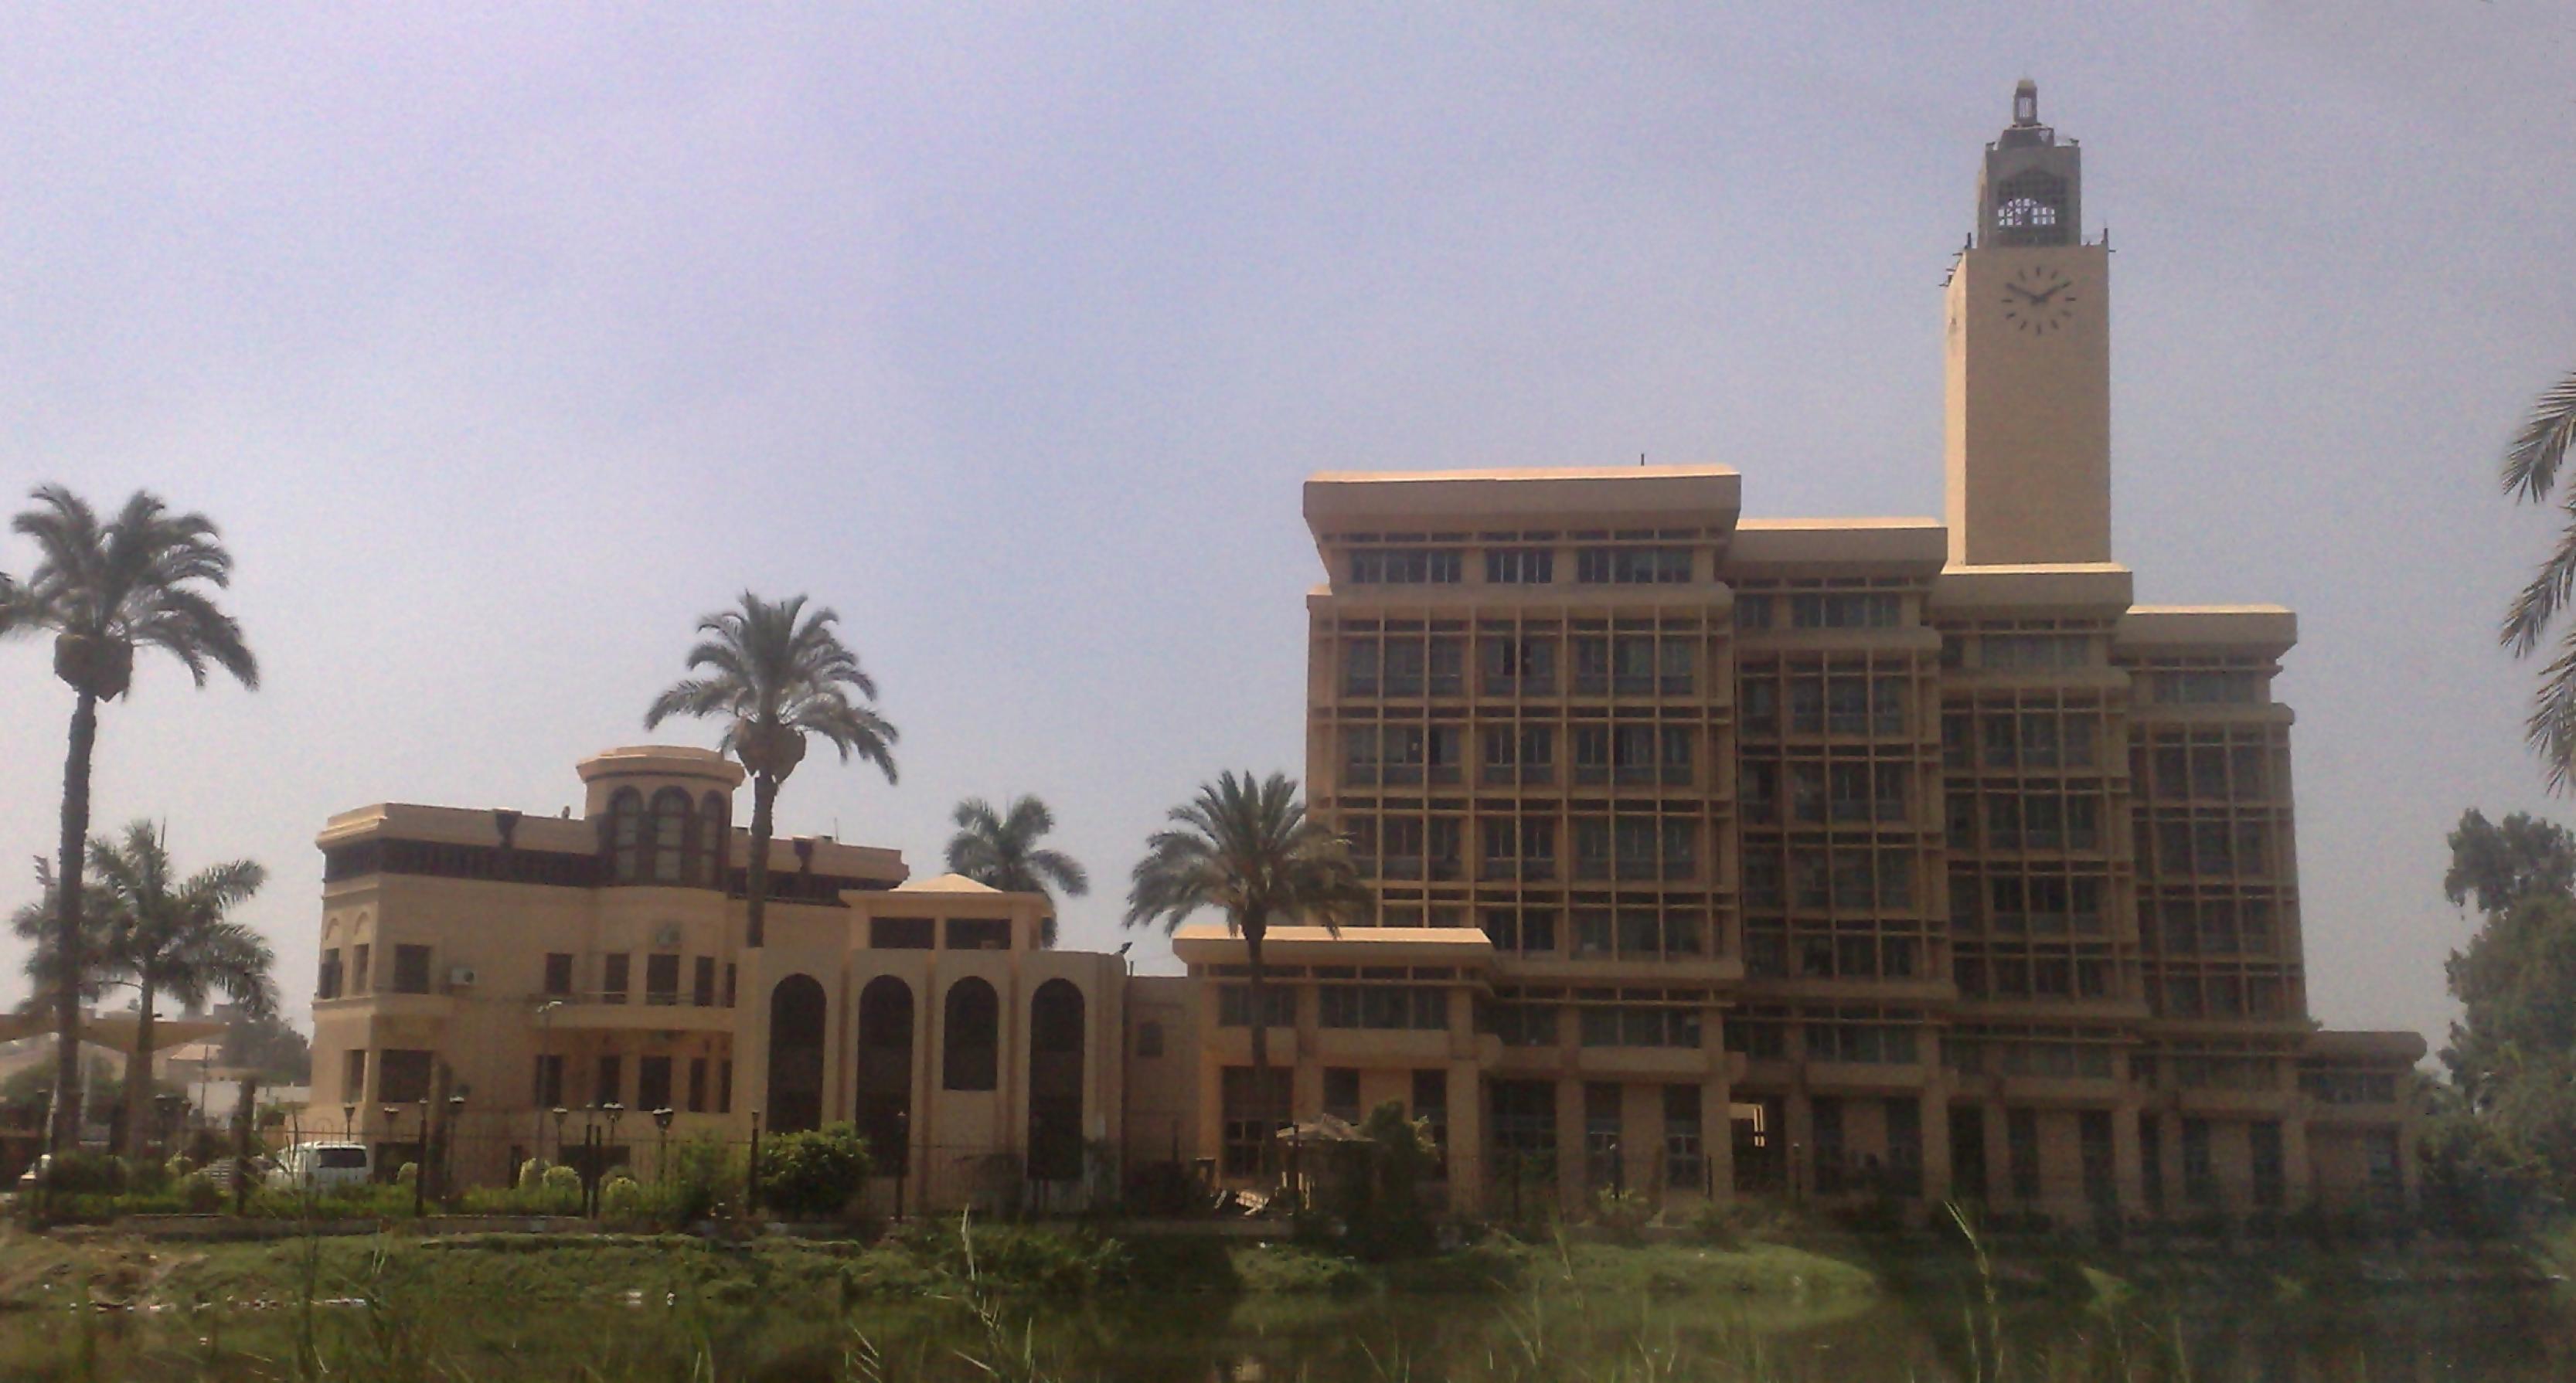 بالصور معلومات مختلفة عن محافظة المنوفية 20160711 681